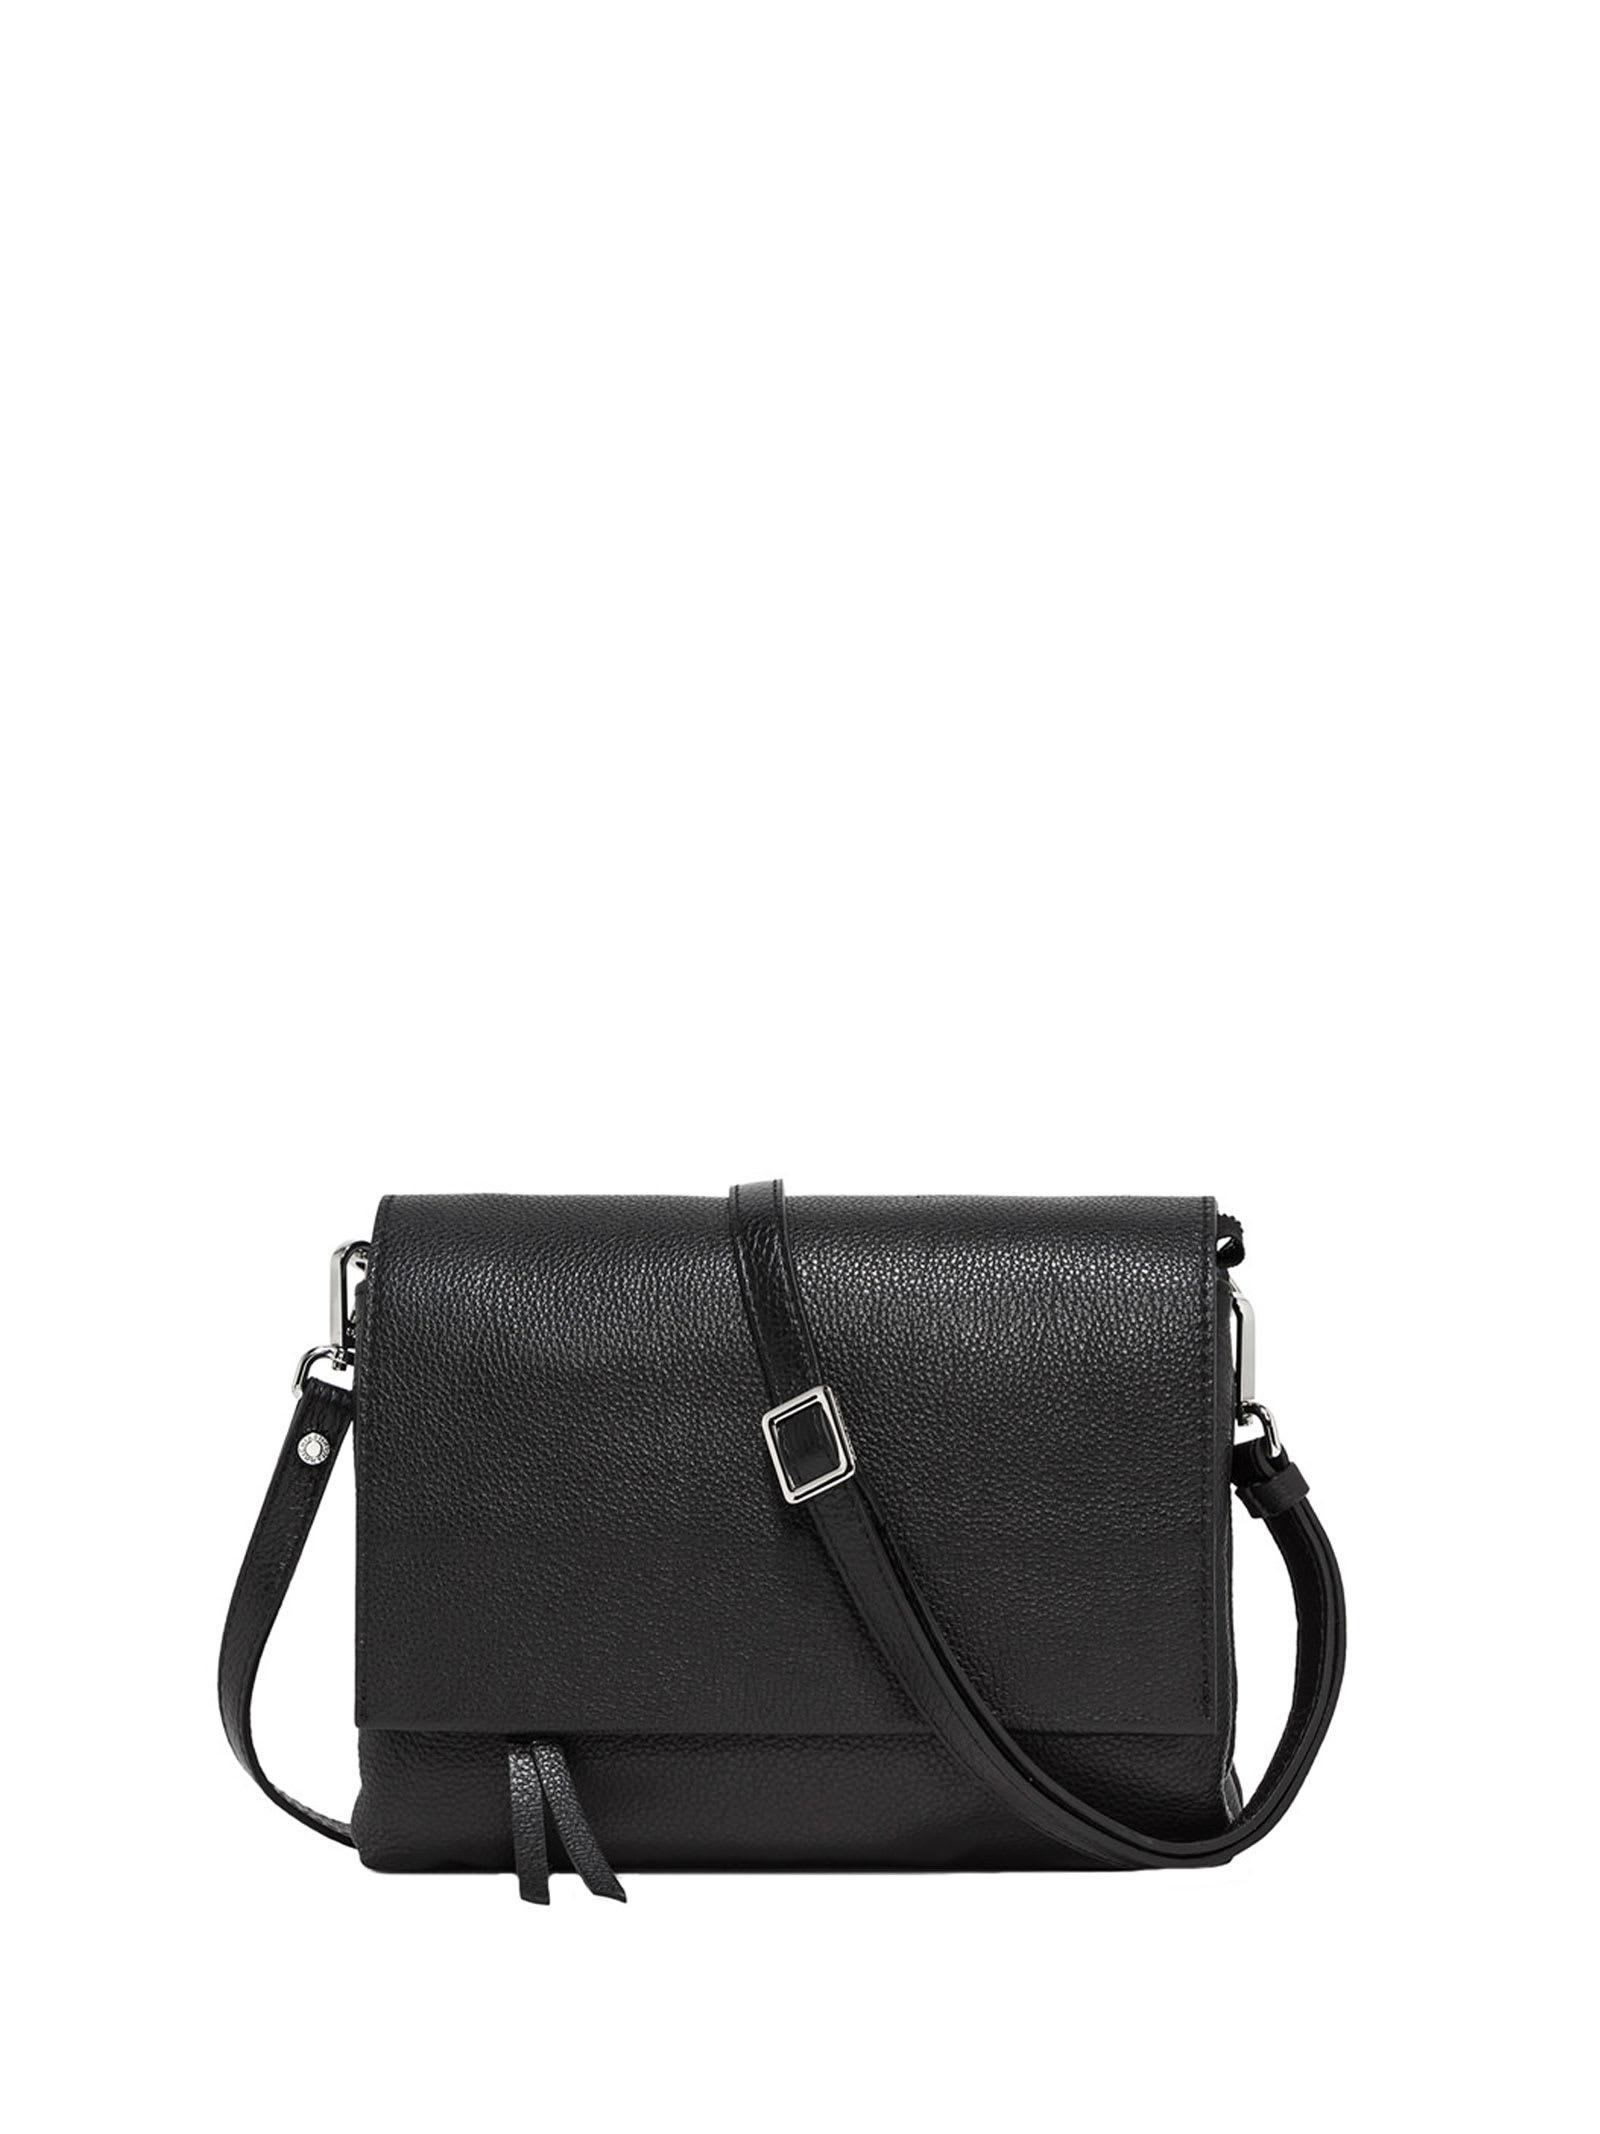 Shoulder Bag In Black Leather